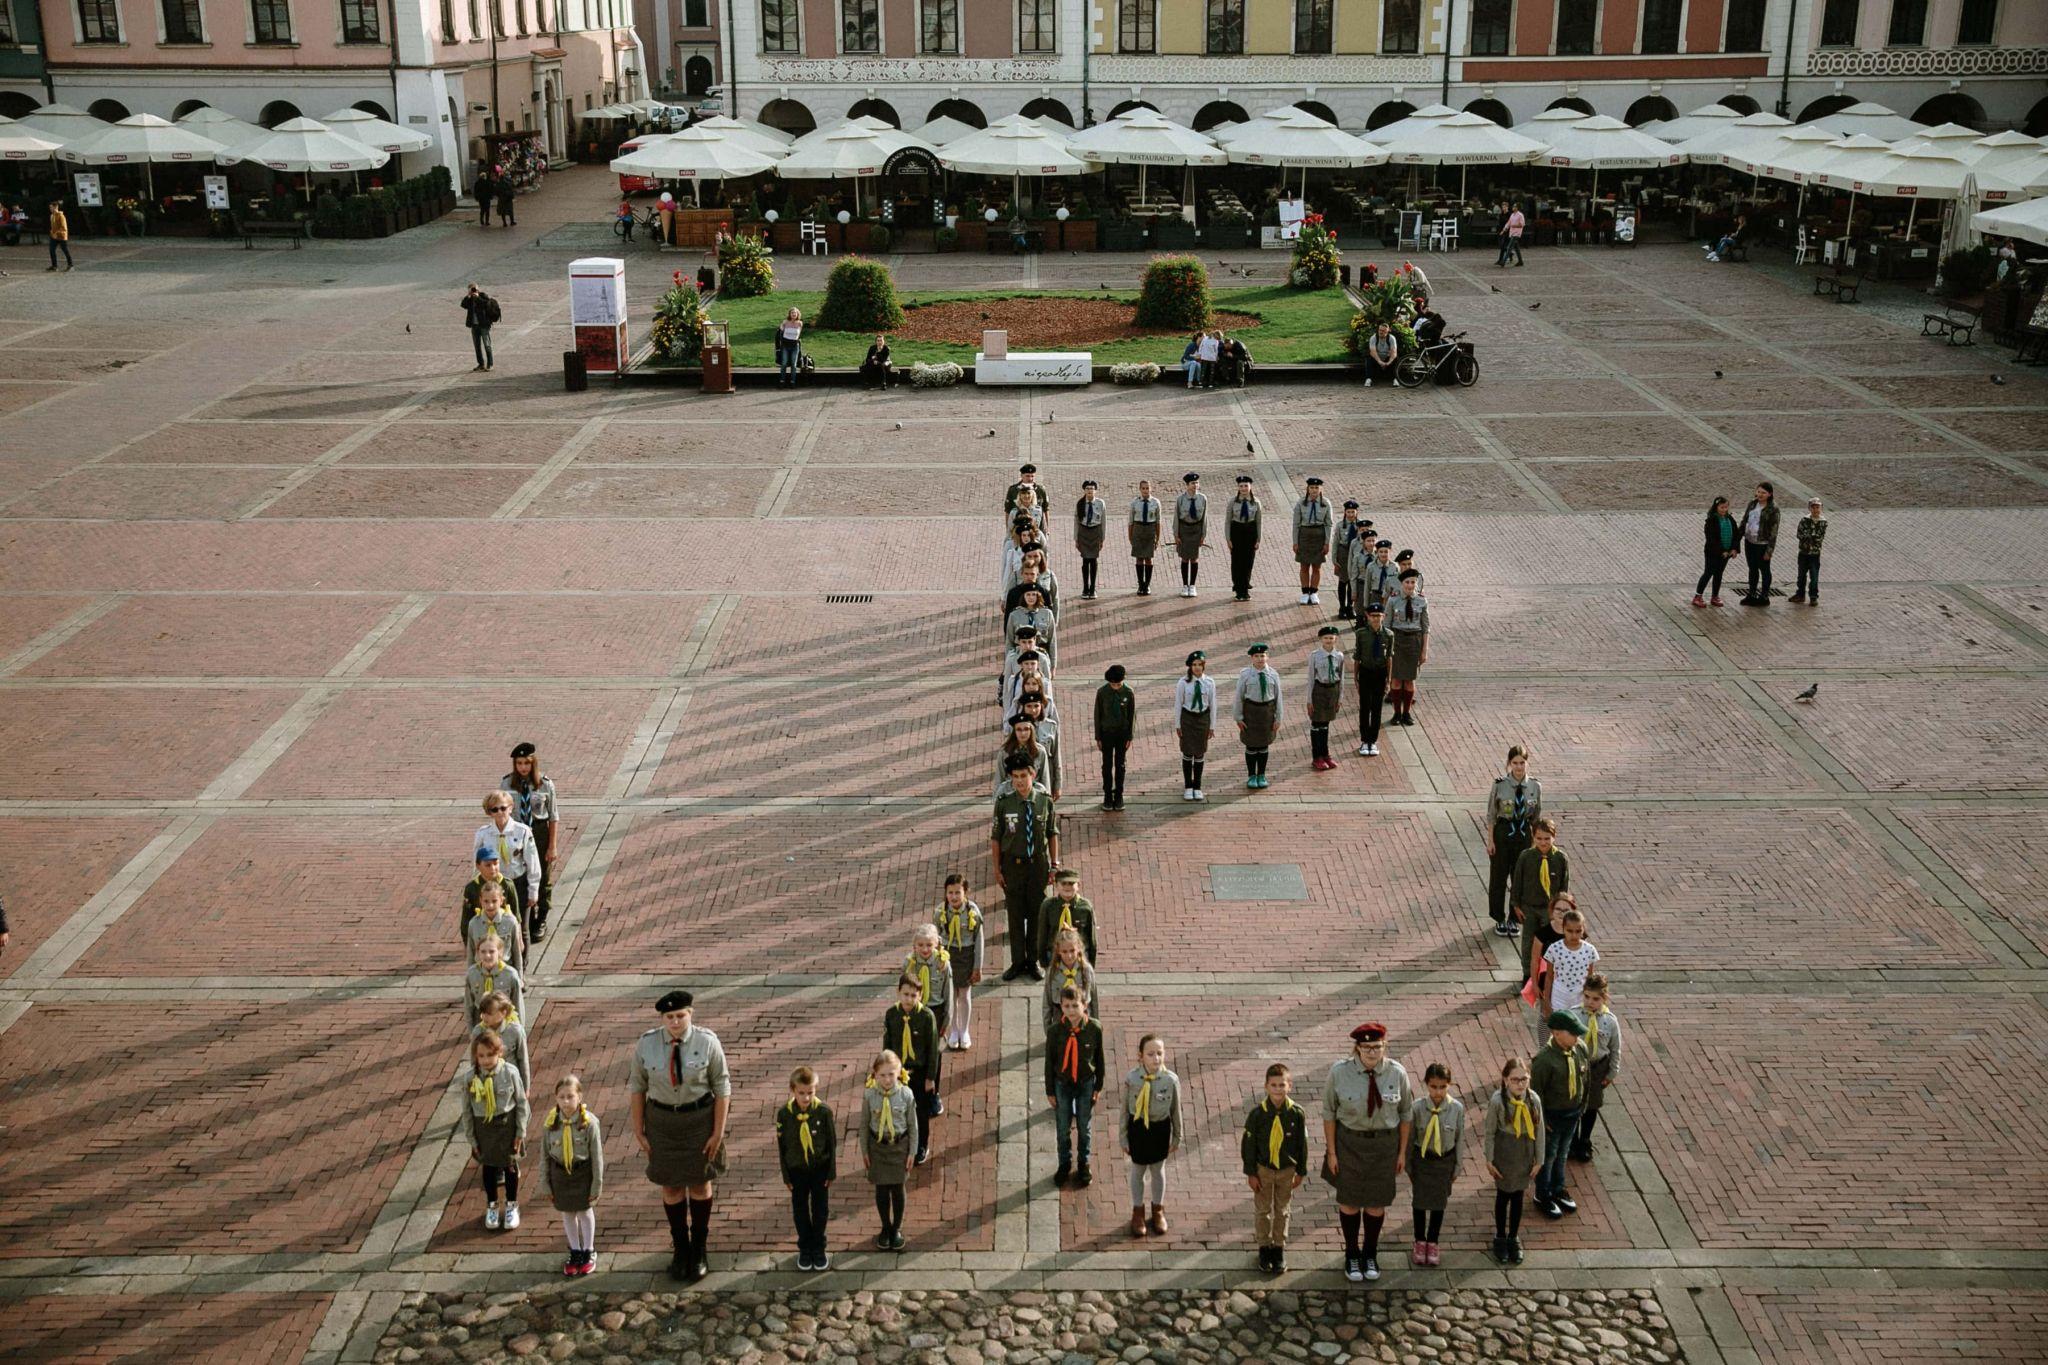 fot k chmiel Znak Polski Walczącej jest symbolem pamięci